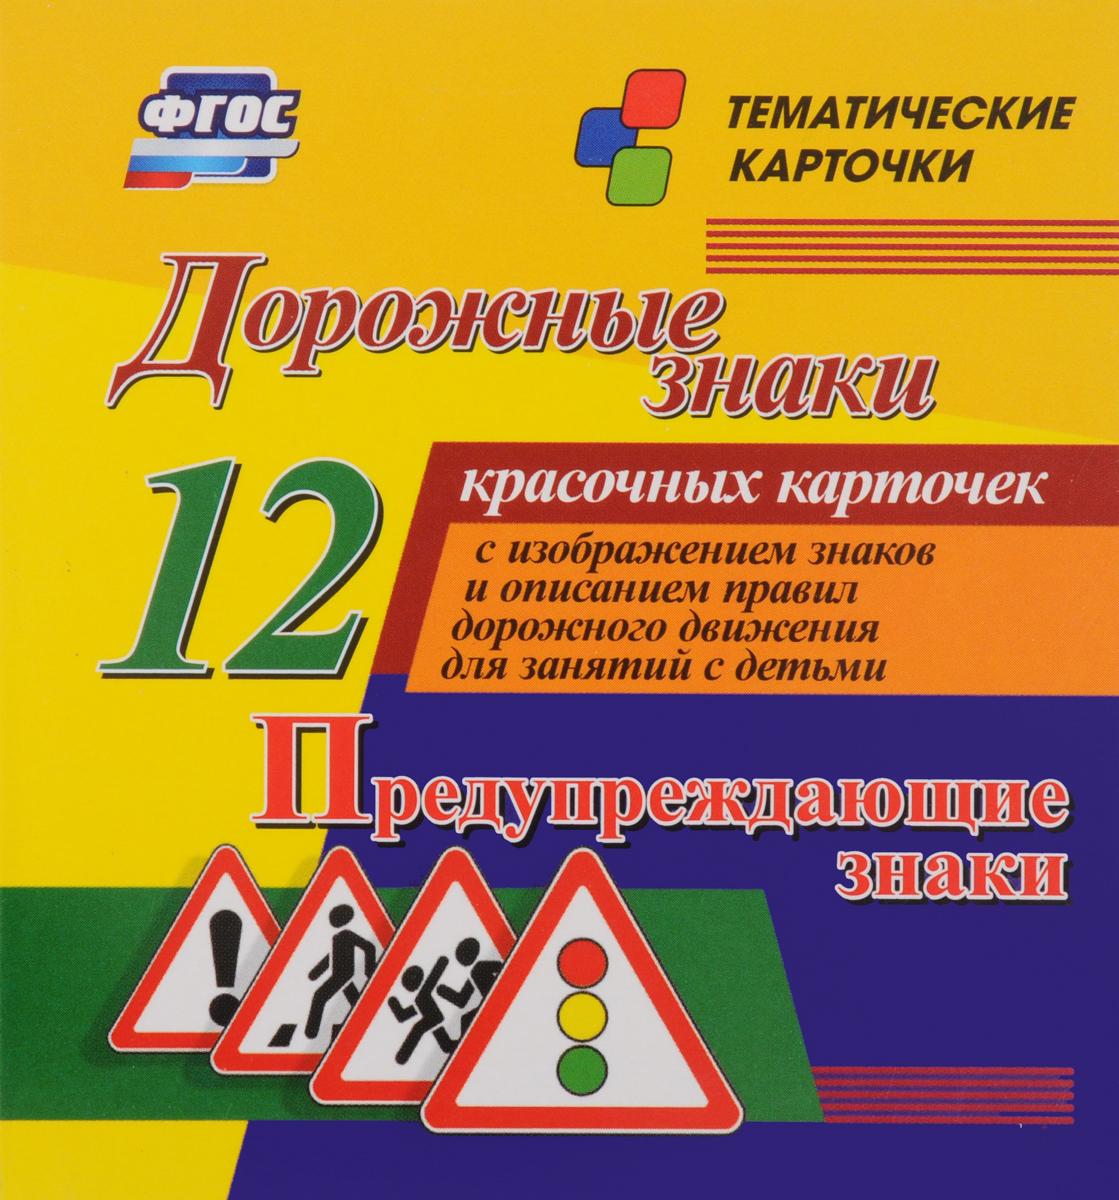 Дорожные знаки. Предупреждающие знаки (набор из 12 карточек) фигурки игрушки лэм дорожные знаки